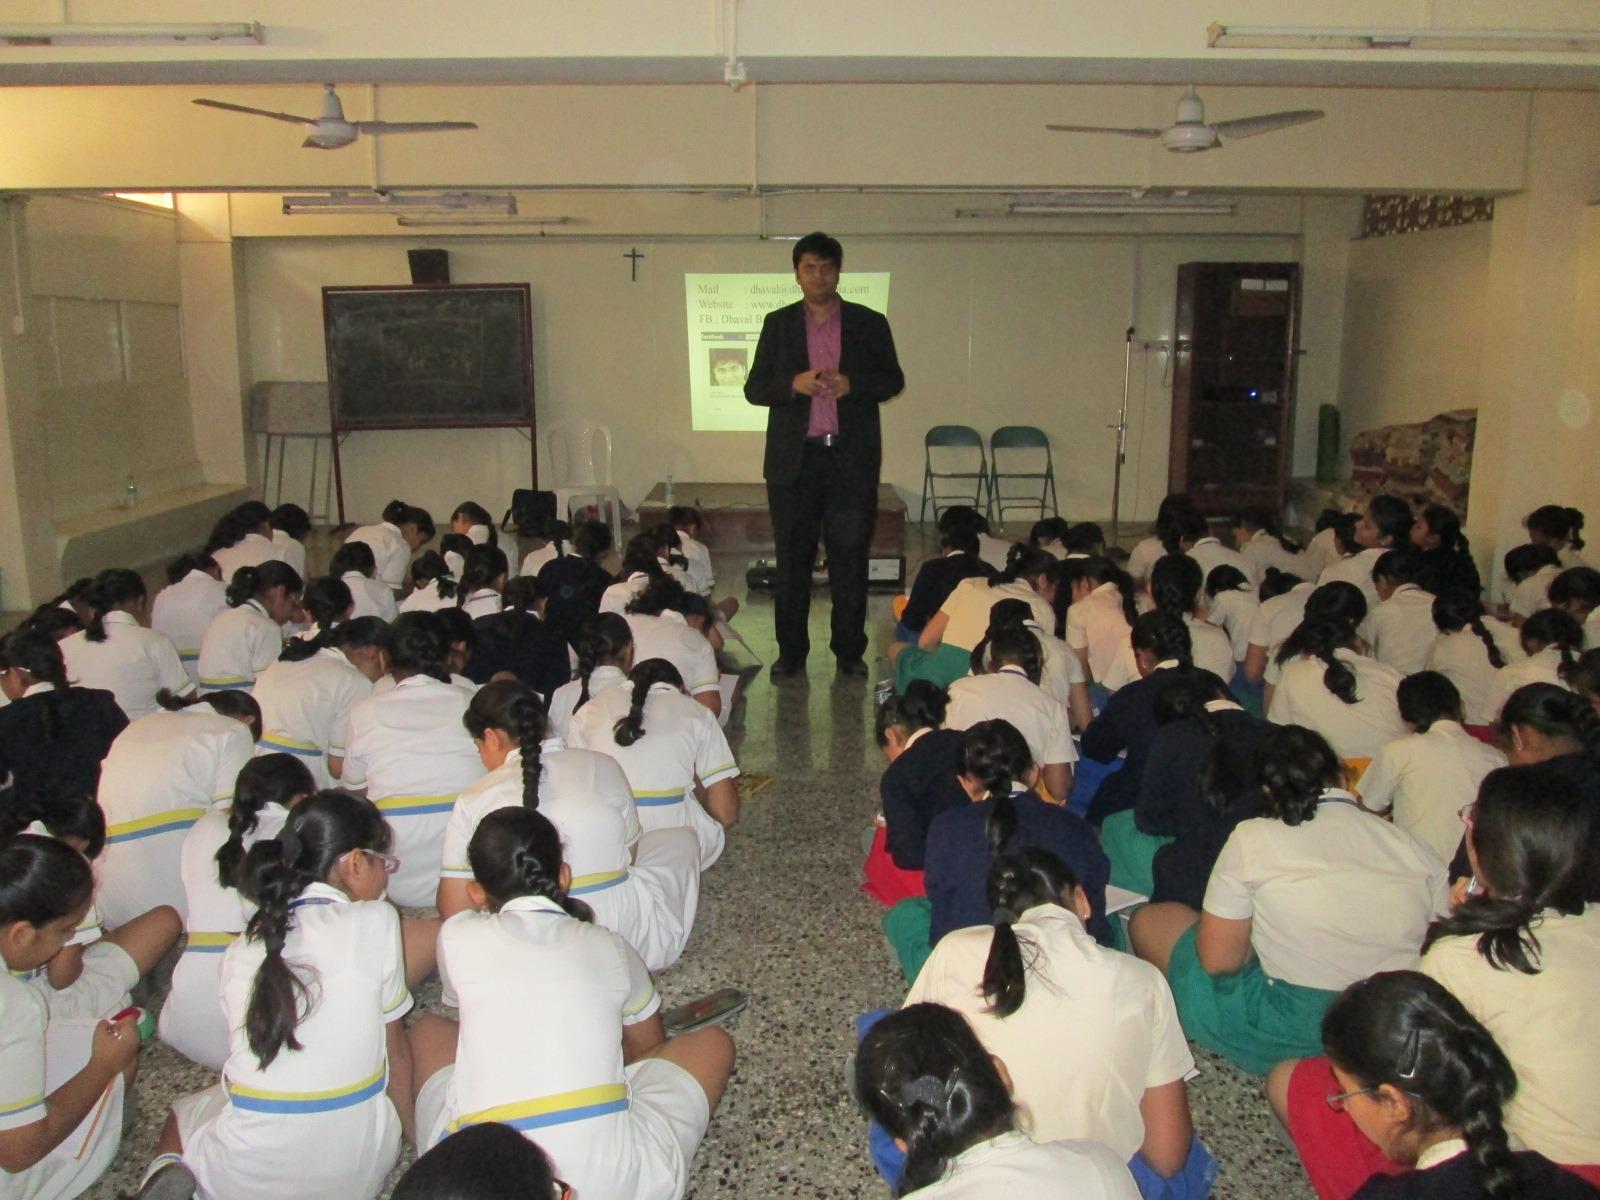 Villa Theresa, a very reputed school in Mumbai